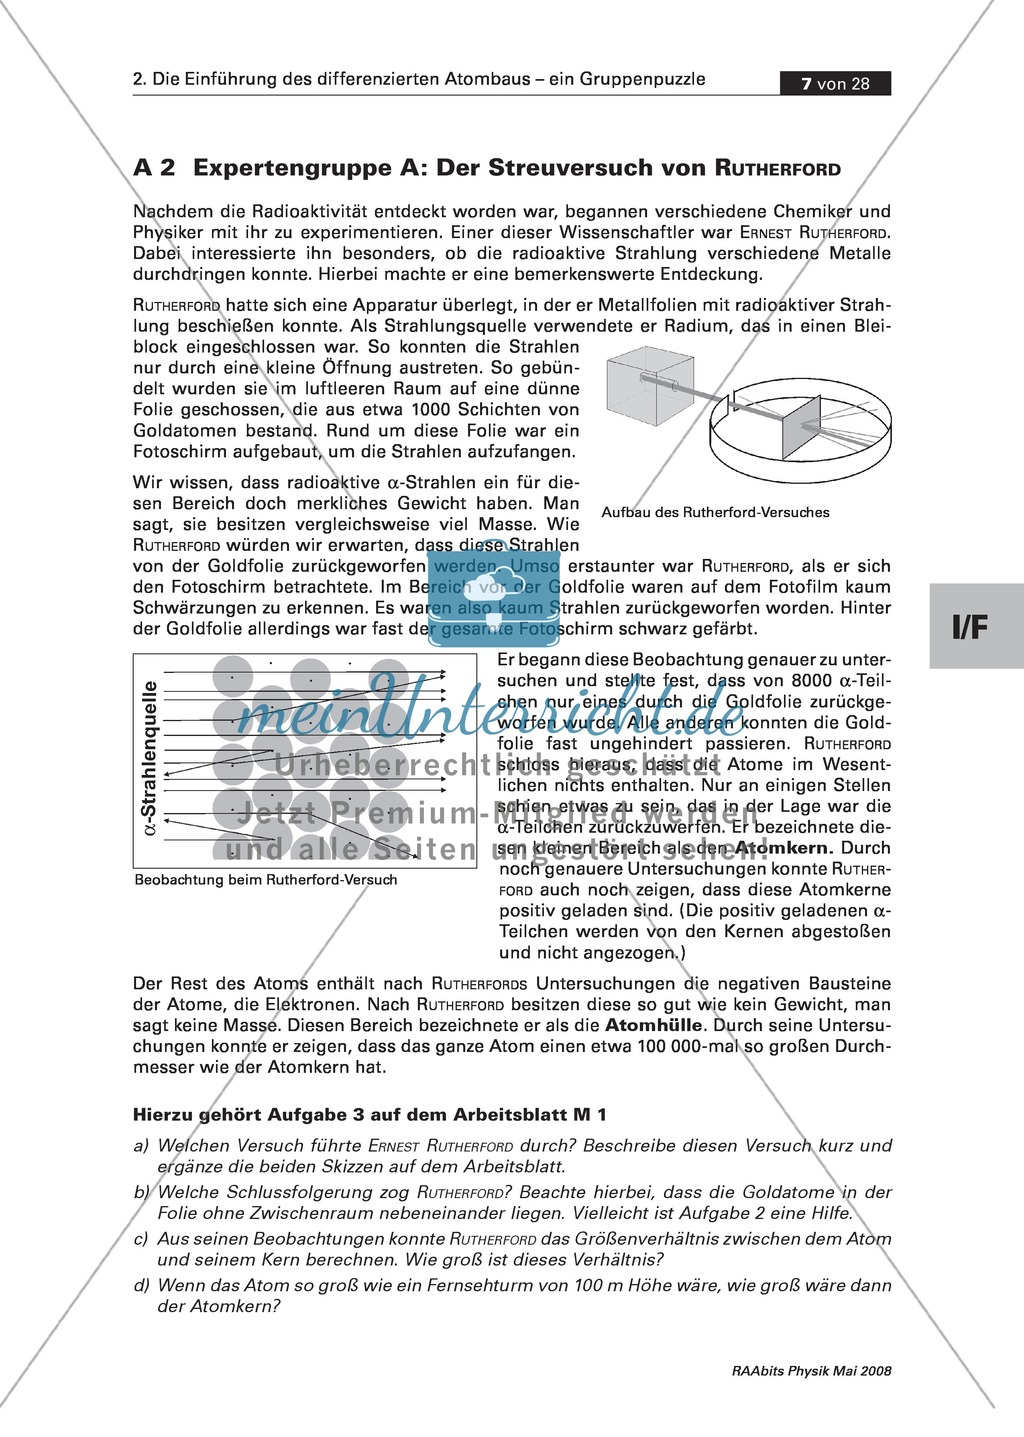 Einführung des differenzierten Atombaus: Der Kern-Hülle-Aufbau des ...